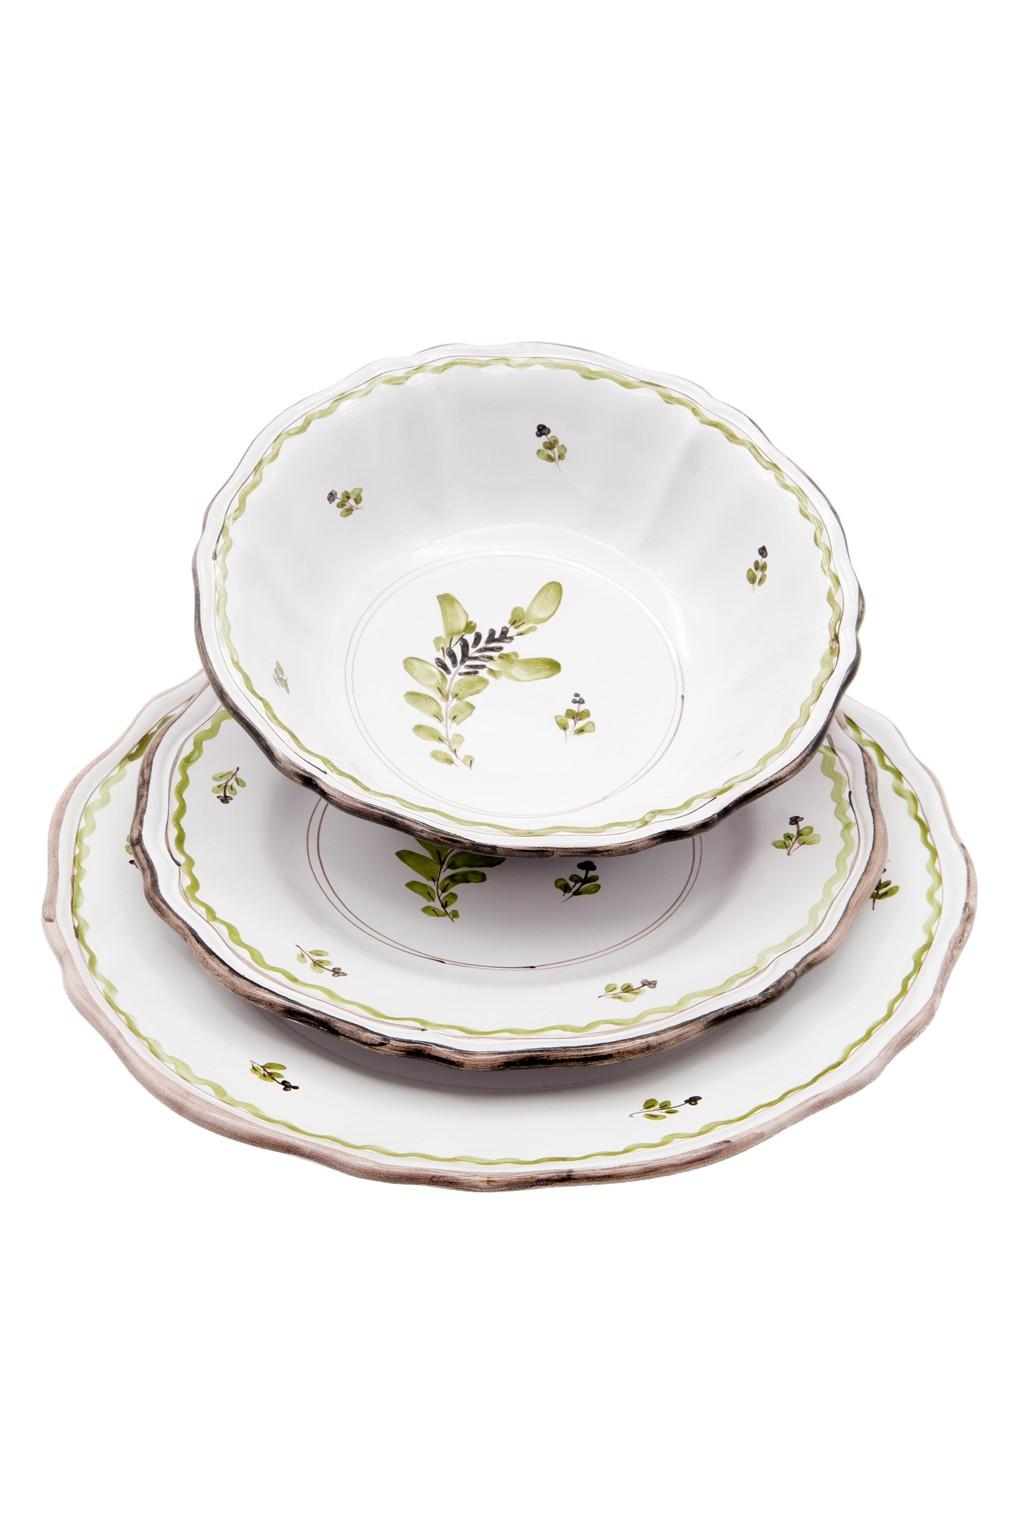 Servito piatti decorati a mano - Sbigoli Terrecotte - Firenze